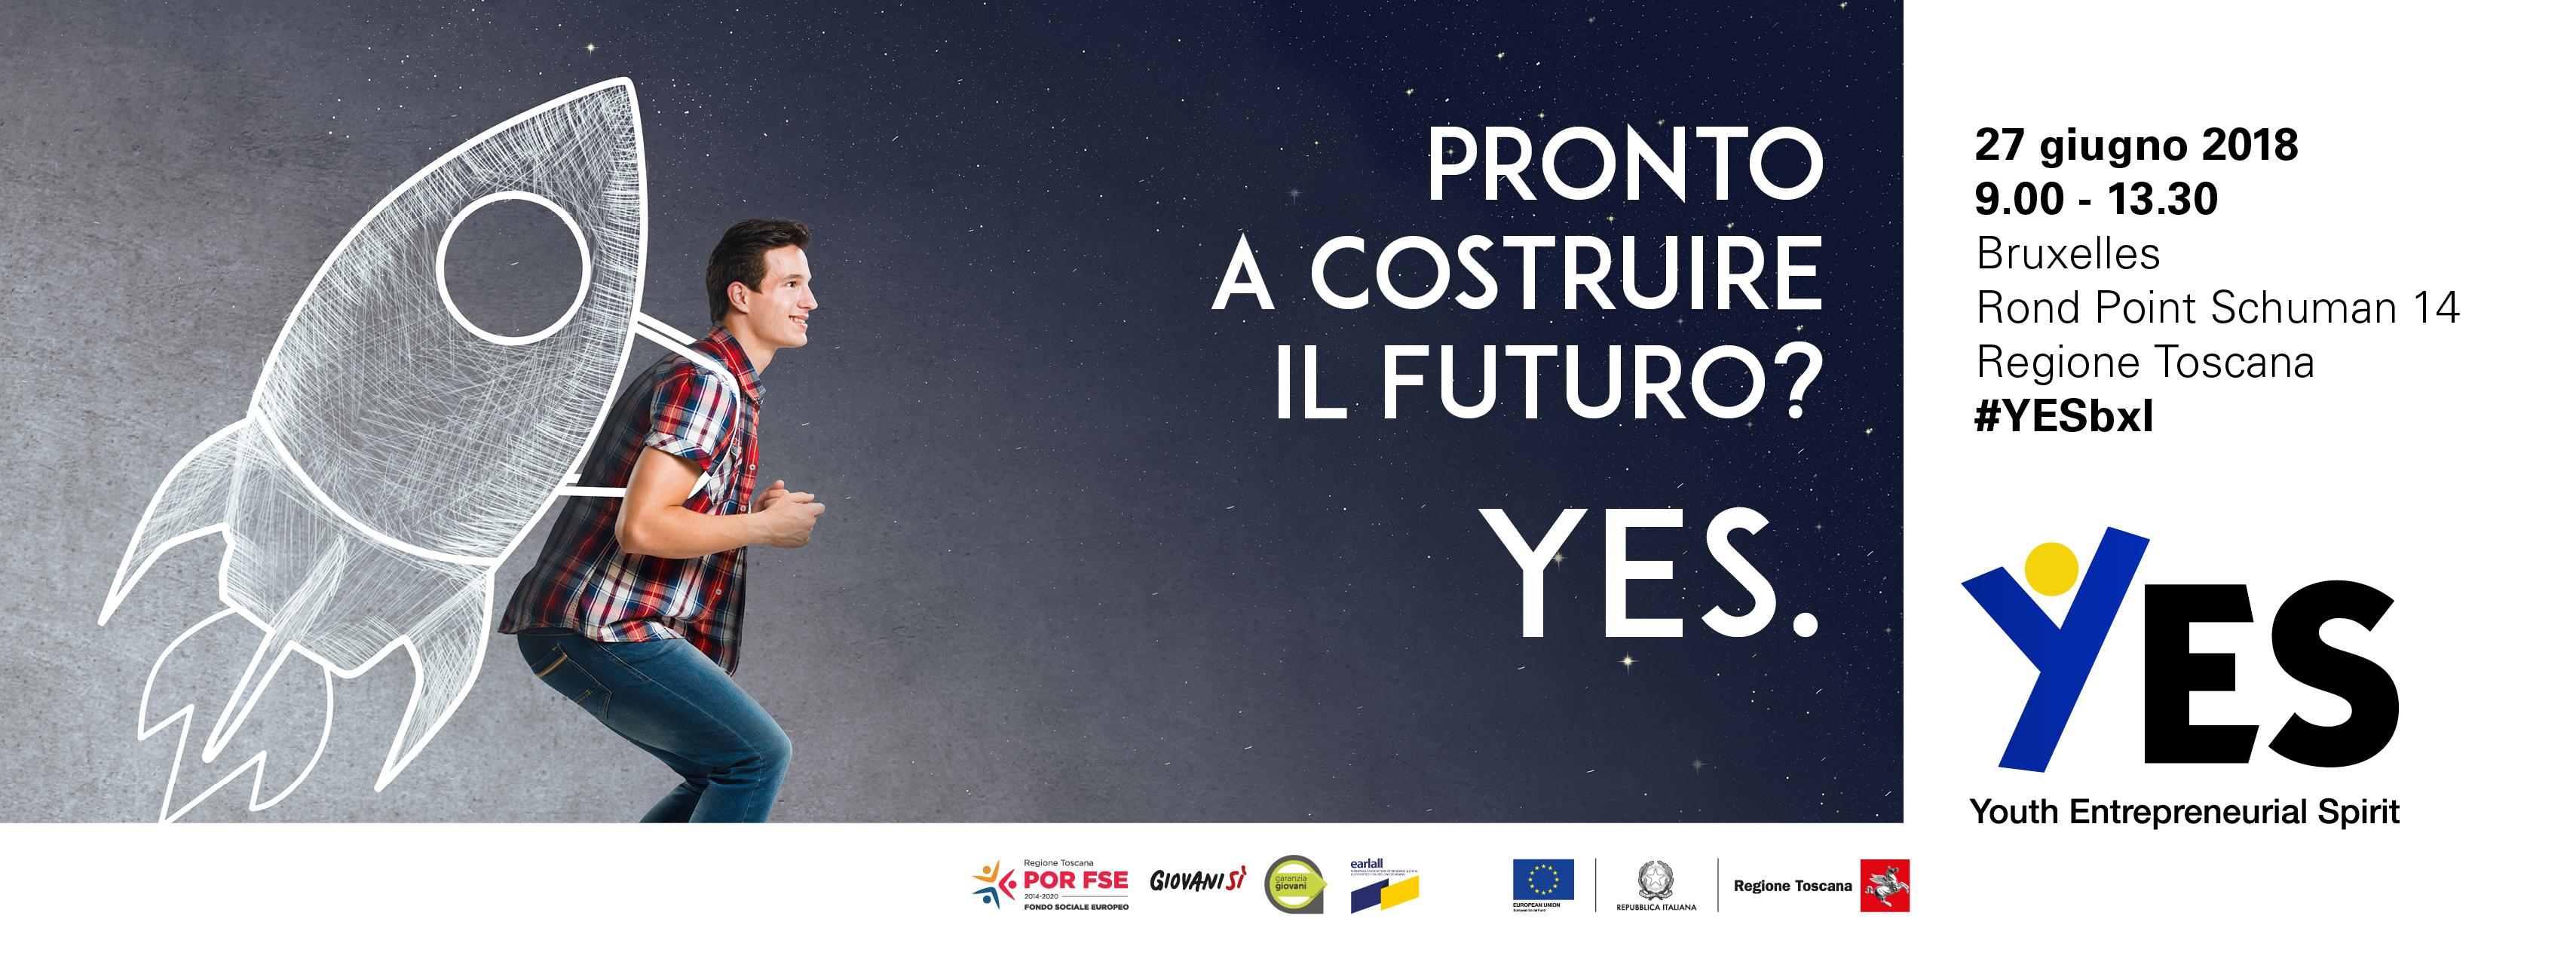 """""""YES – Youth Entrepreneurial Spirit"""", a Bruxelles il convegno promosso da Regione Toscana-Giovanisì all&#8217;interno di Earlall <div class='giovanisi-subtitle'>L&#039;iniziativa è organizzata da Giovanisì, Ufficio di collegamento a Bruxelles e Assessorato all&#039;Istruzione, Formazione e Lavoro della Regione Toscana</div>"""